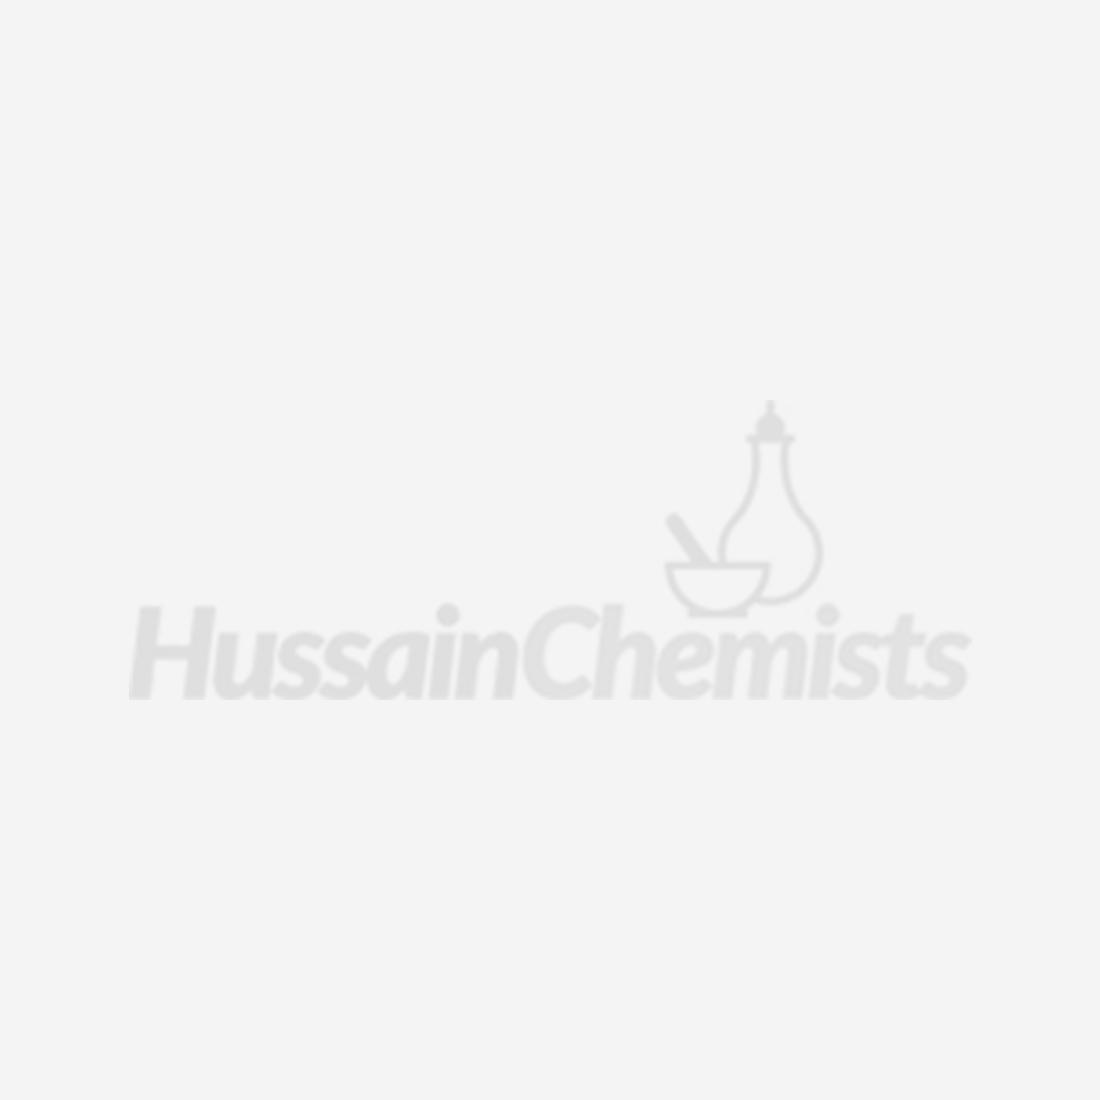 Canesbalance Bacterial Vaginosis (BV) Vaginal Gel